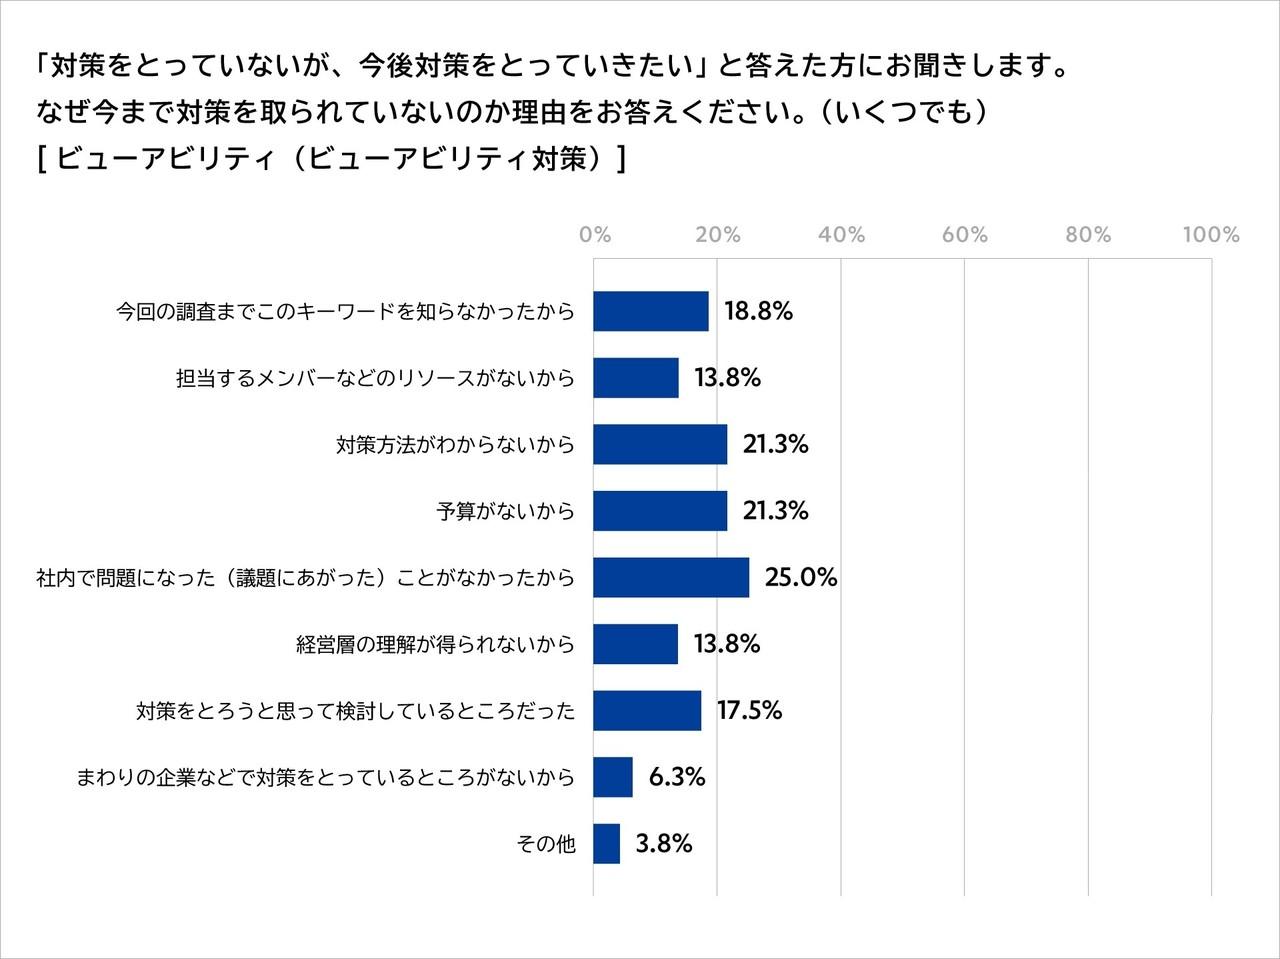 グラフI (1)